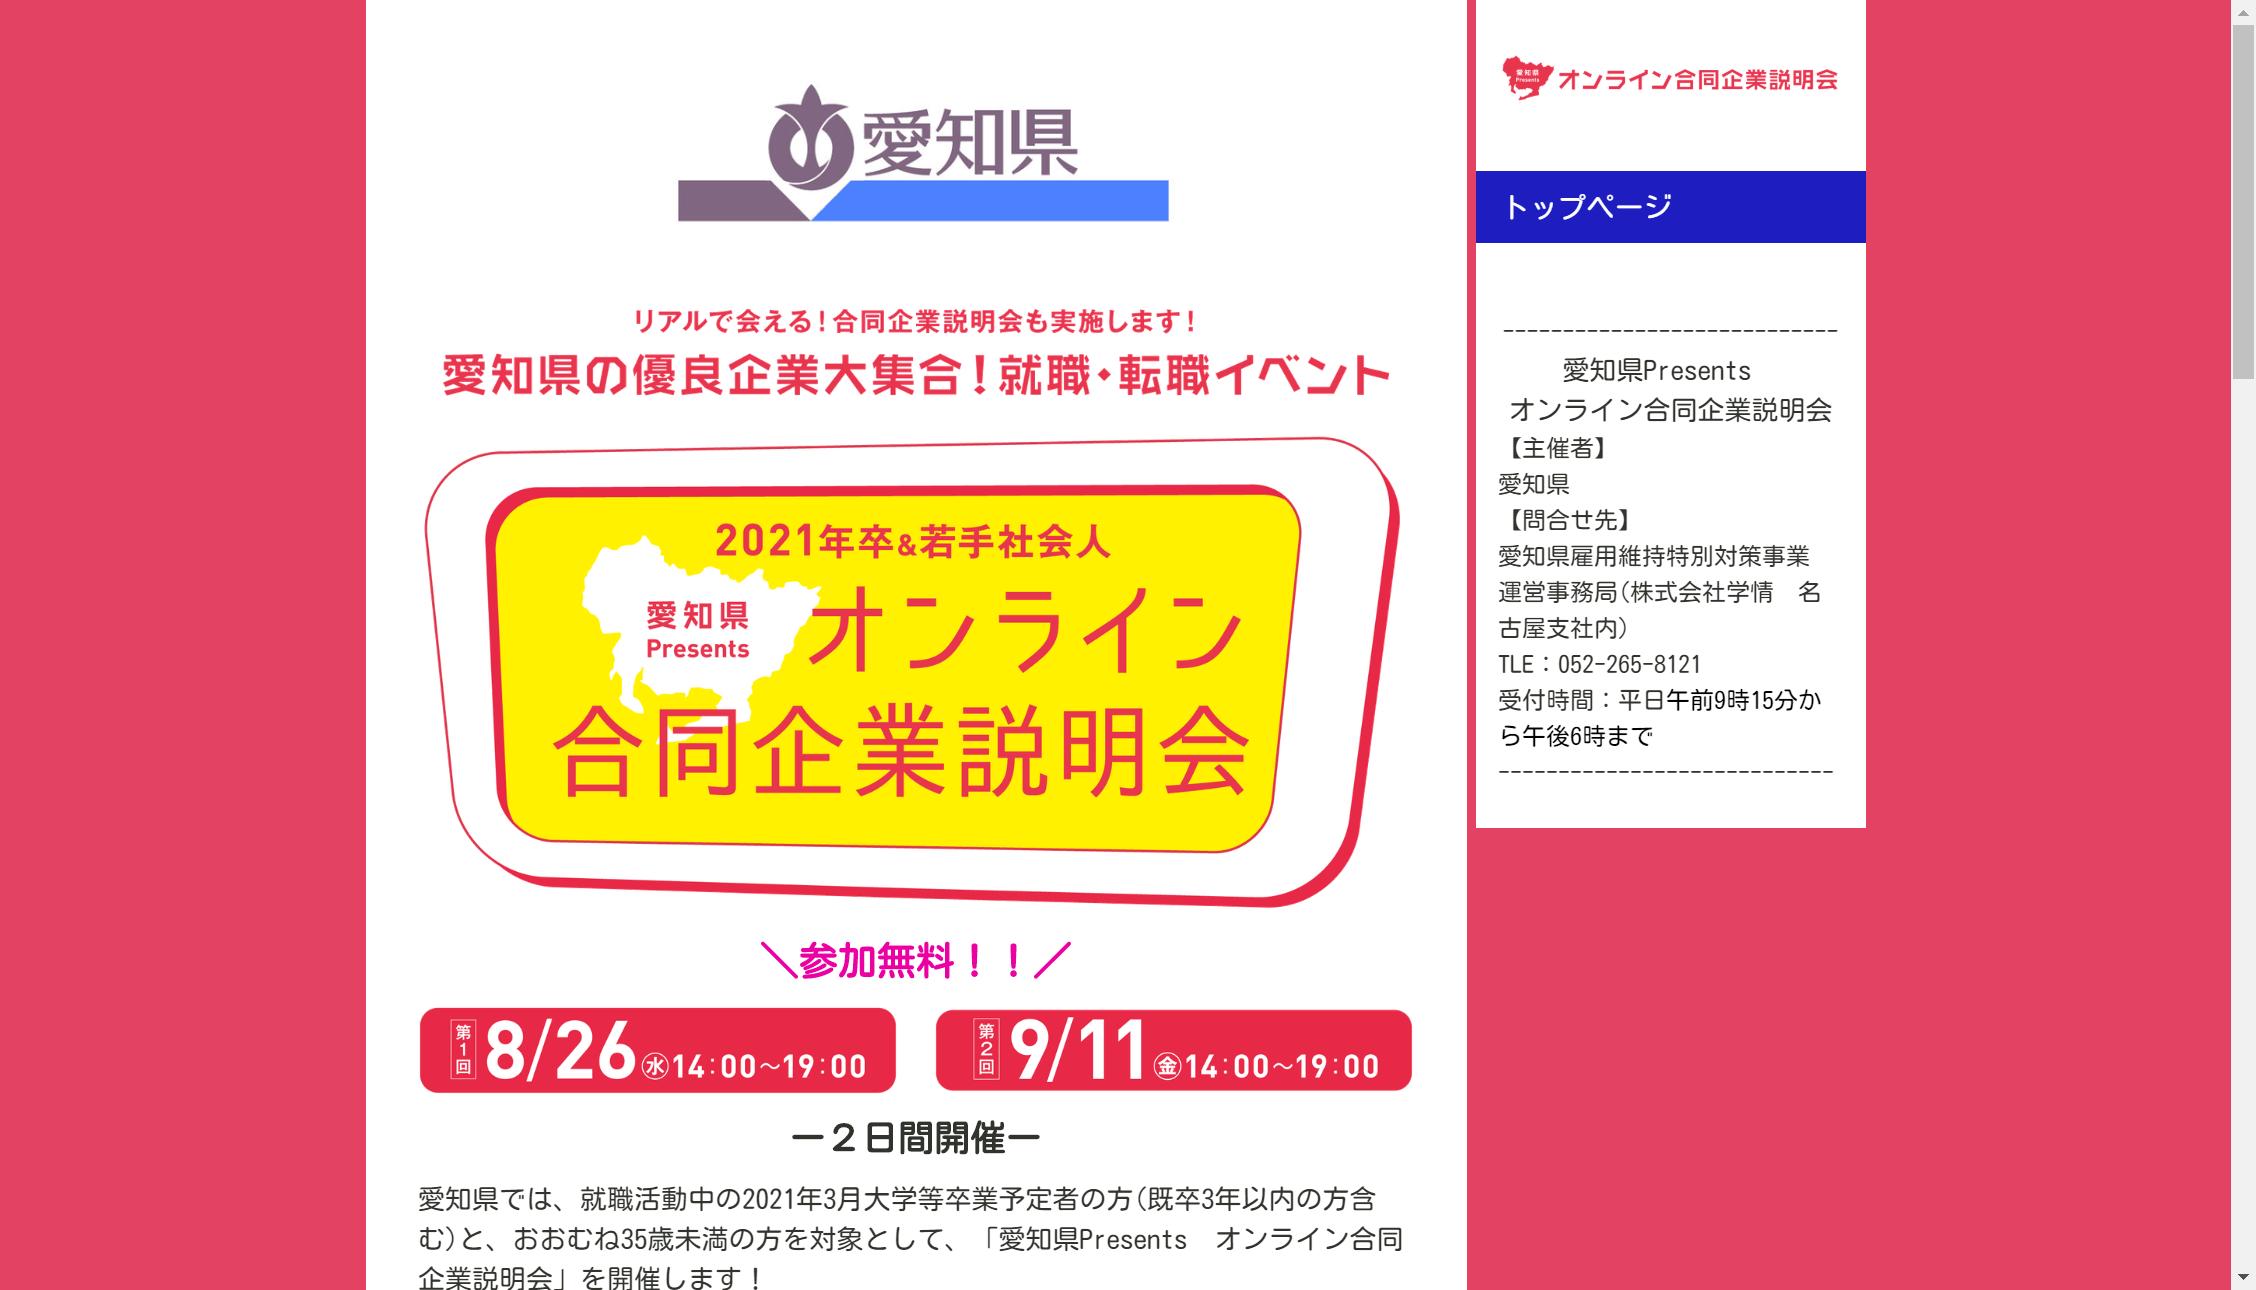 【愛知県】無料で参加できるオンライン合同企業説明会